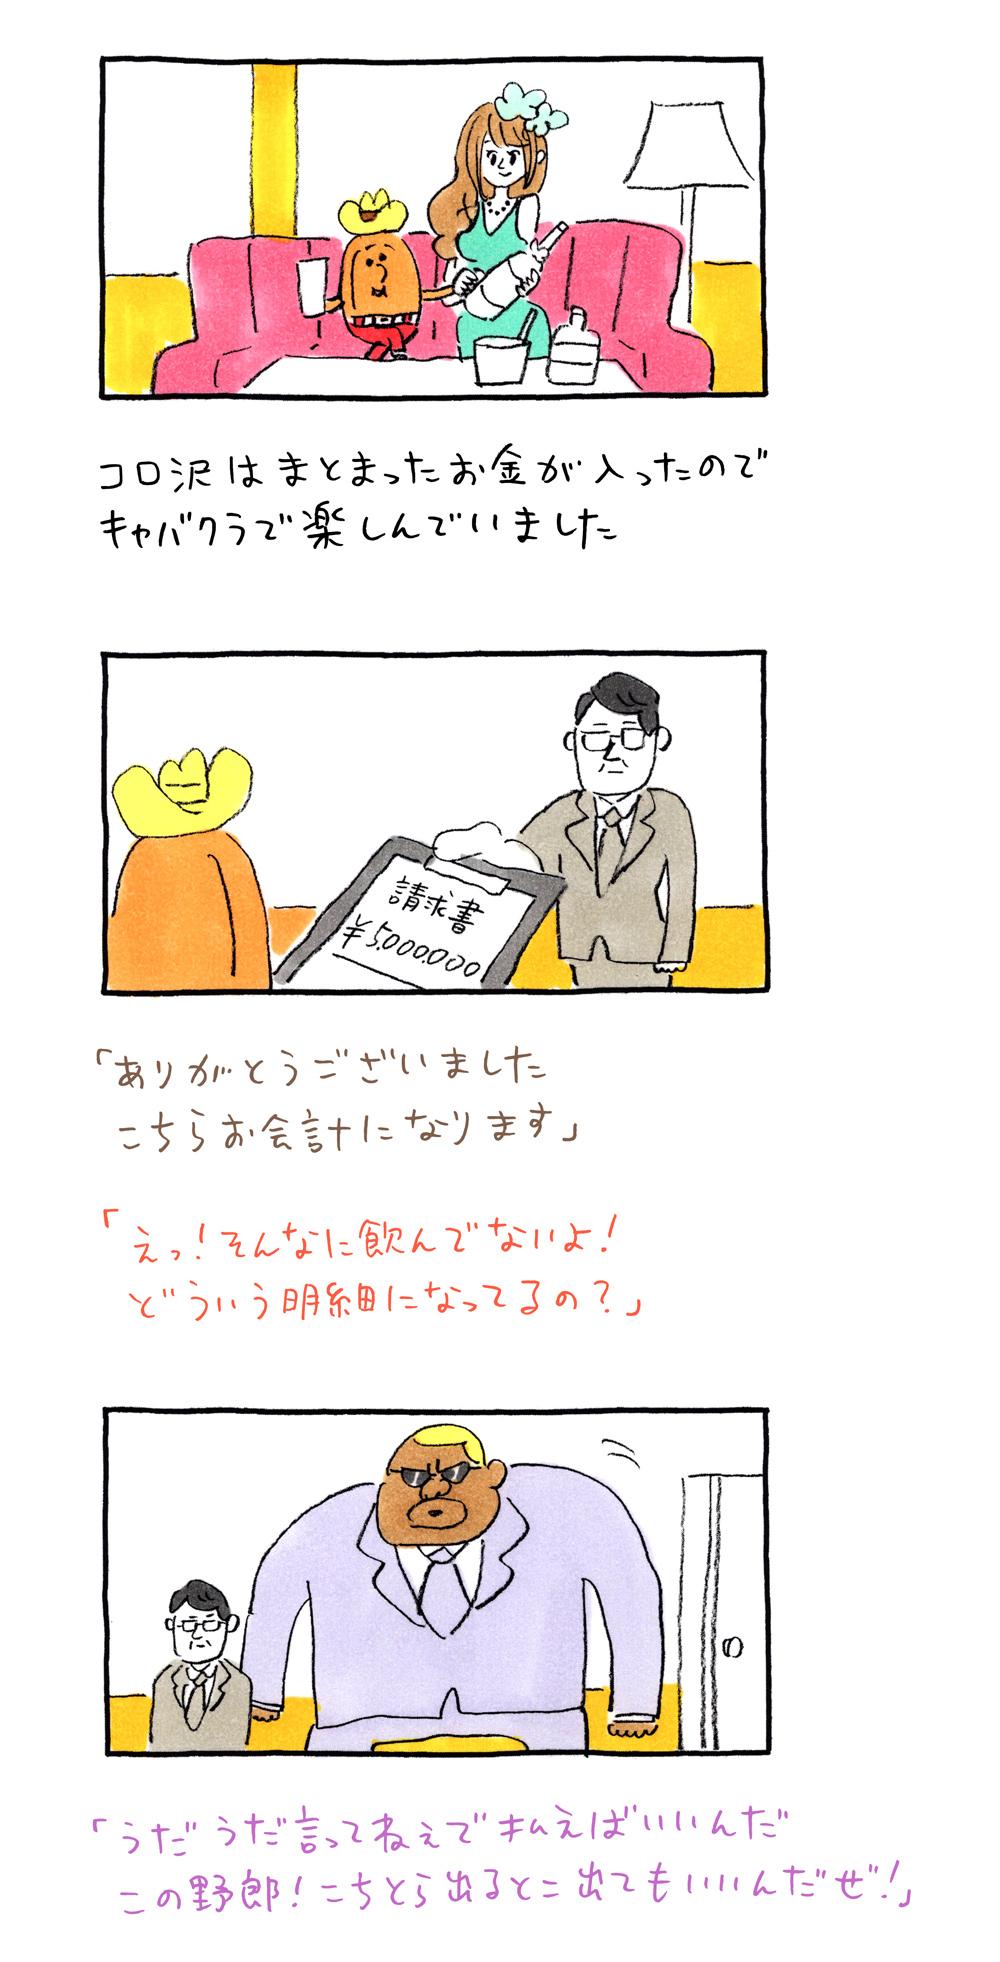 f:id:kakijiro:20160106133732j:plain